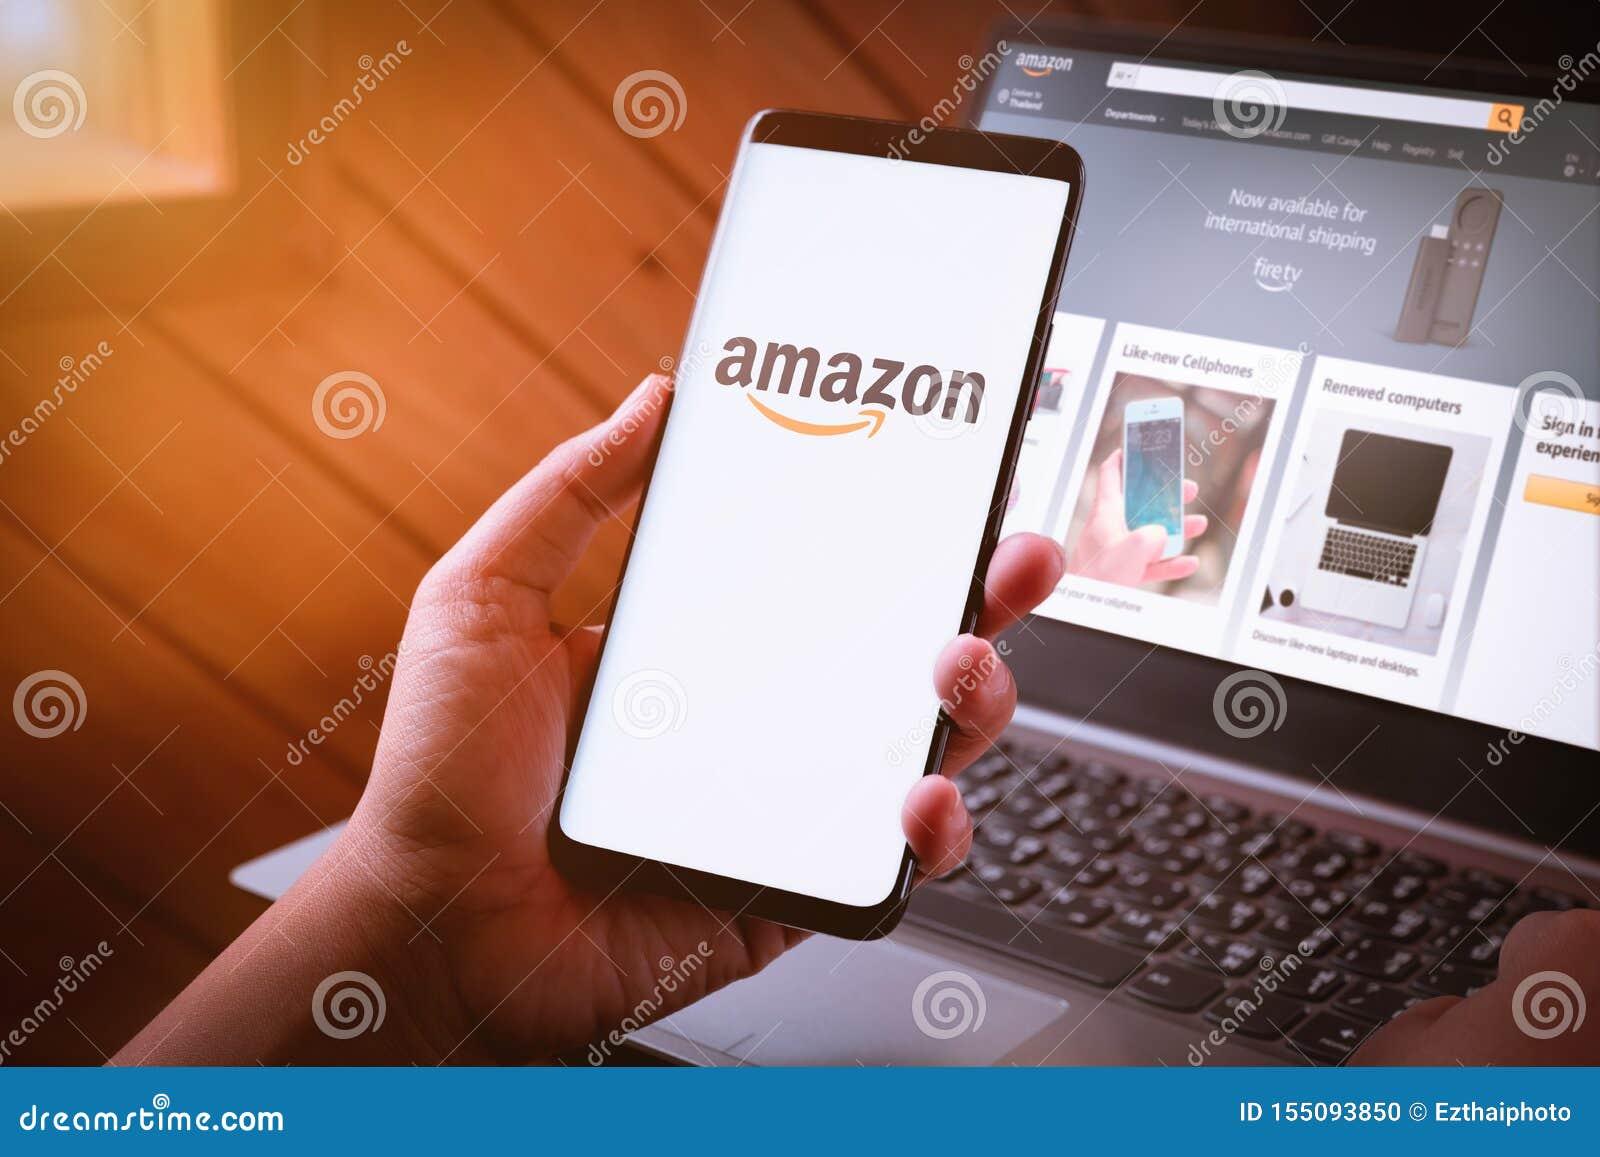 曼谷,泰国- 2019年8月5日:拿着有亚马逊商标的妇女手智能手机在屏幕和亚马逊网站上膝上型计算机的